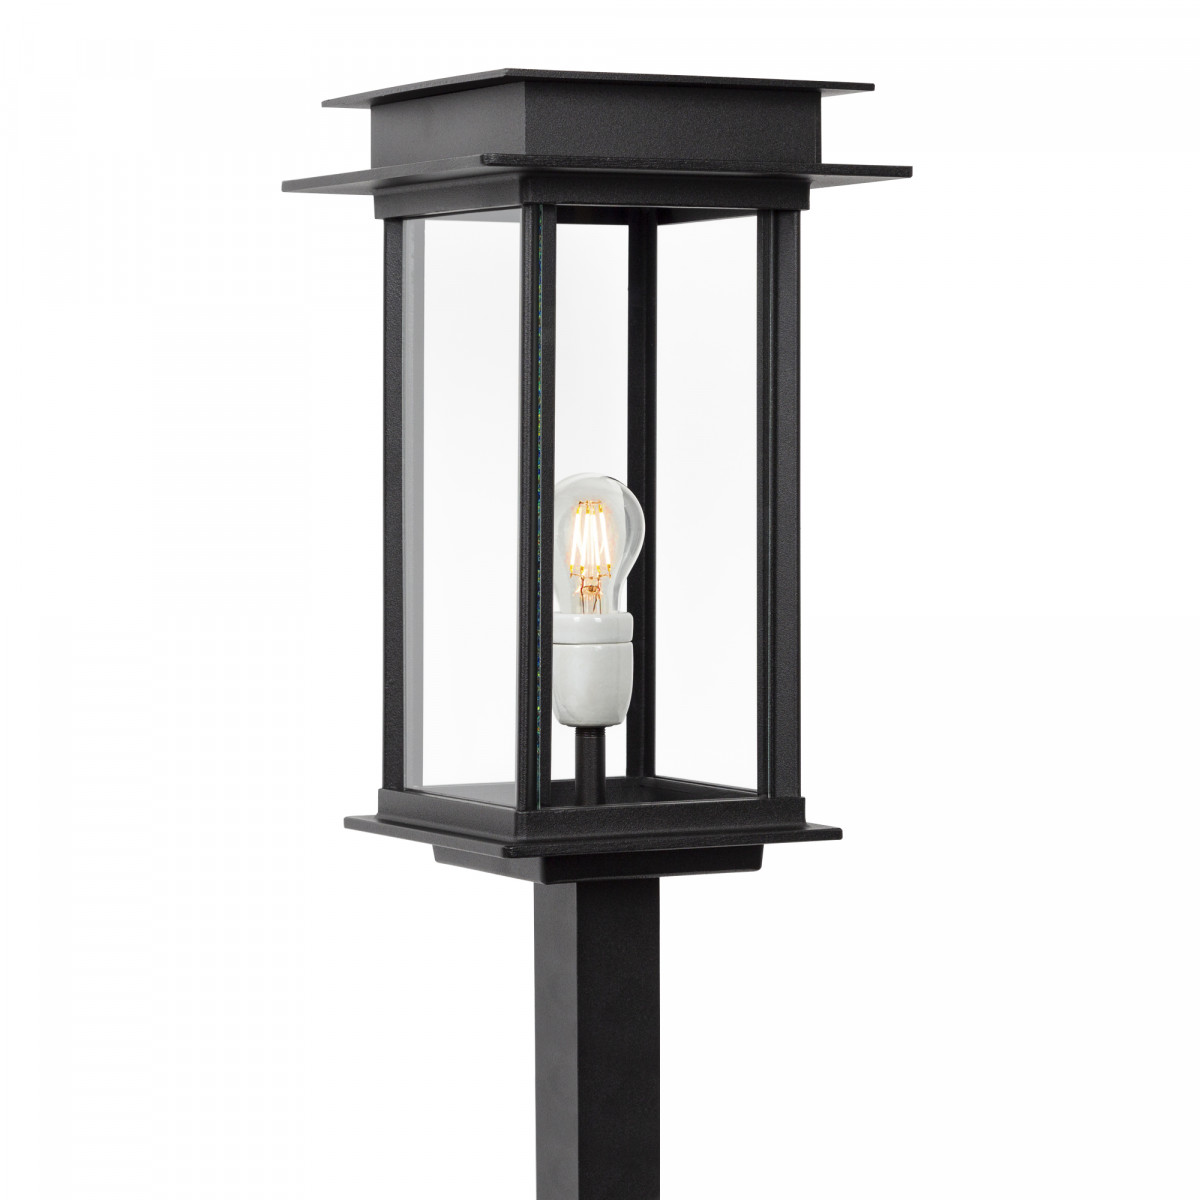 klassieke buitenverlichting terraslamp Praag een stijlvolle strak klassiek vormgegeven terras lantaarn voor buiten, tuinverlichting lantaarnpaal van KS verlichting